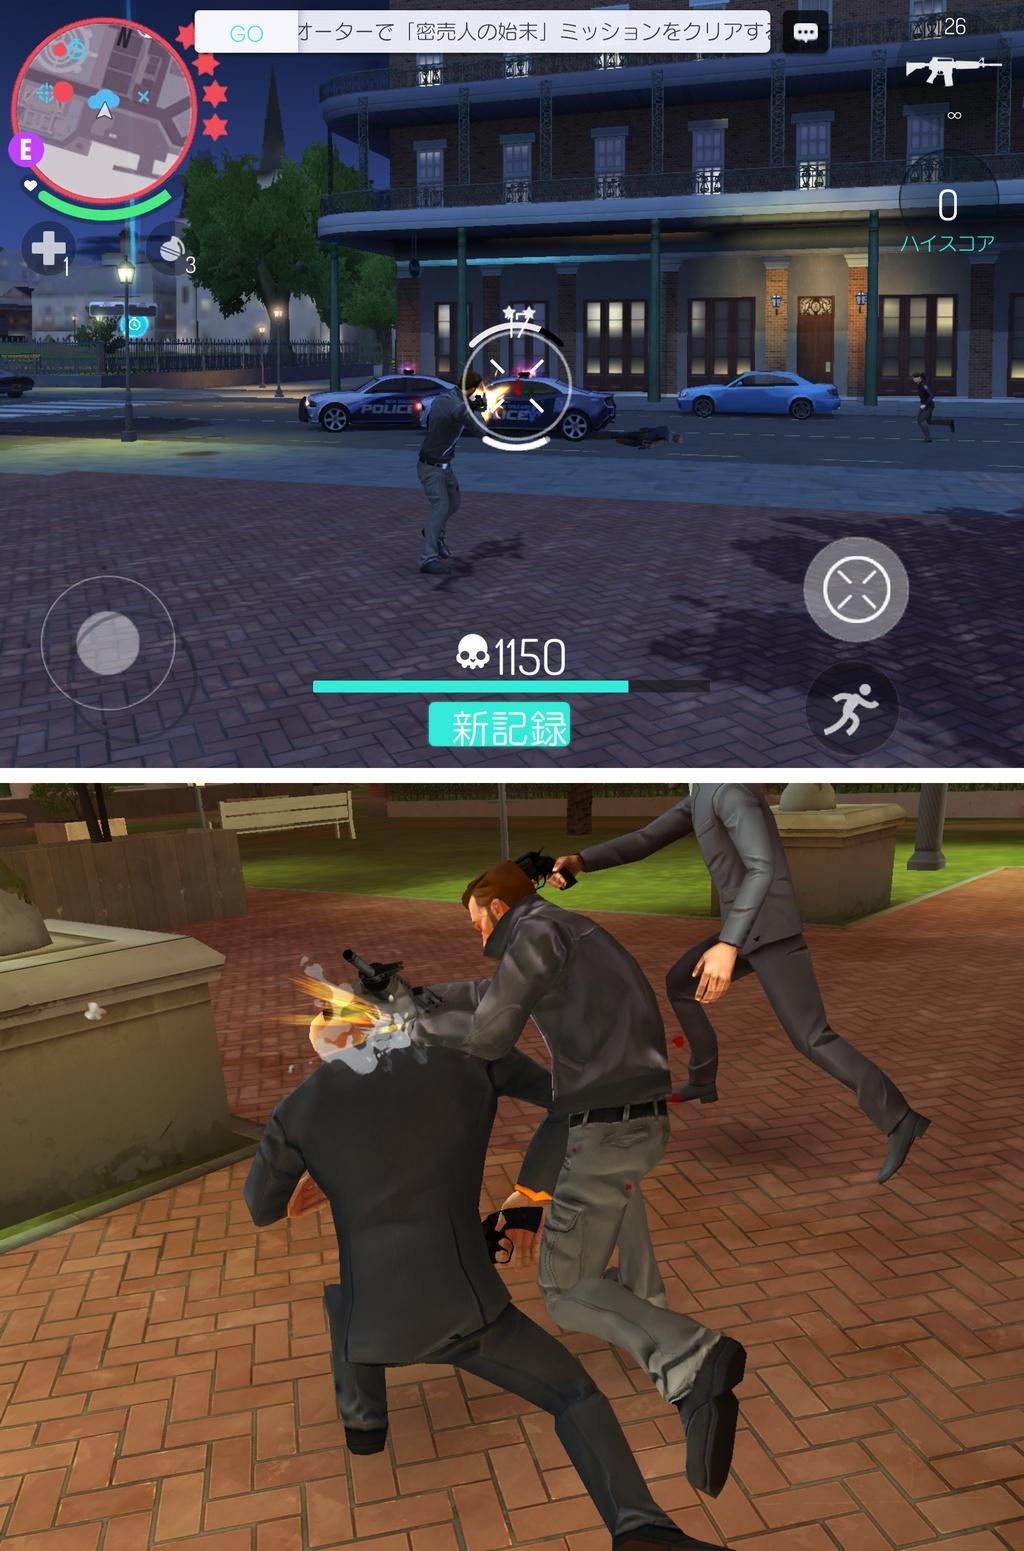 ギャングスター ニューオーリンズ(Gangs Star) androidアプリスクリーンショット2